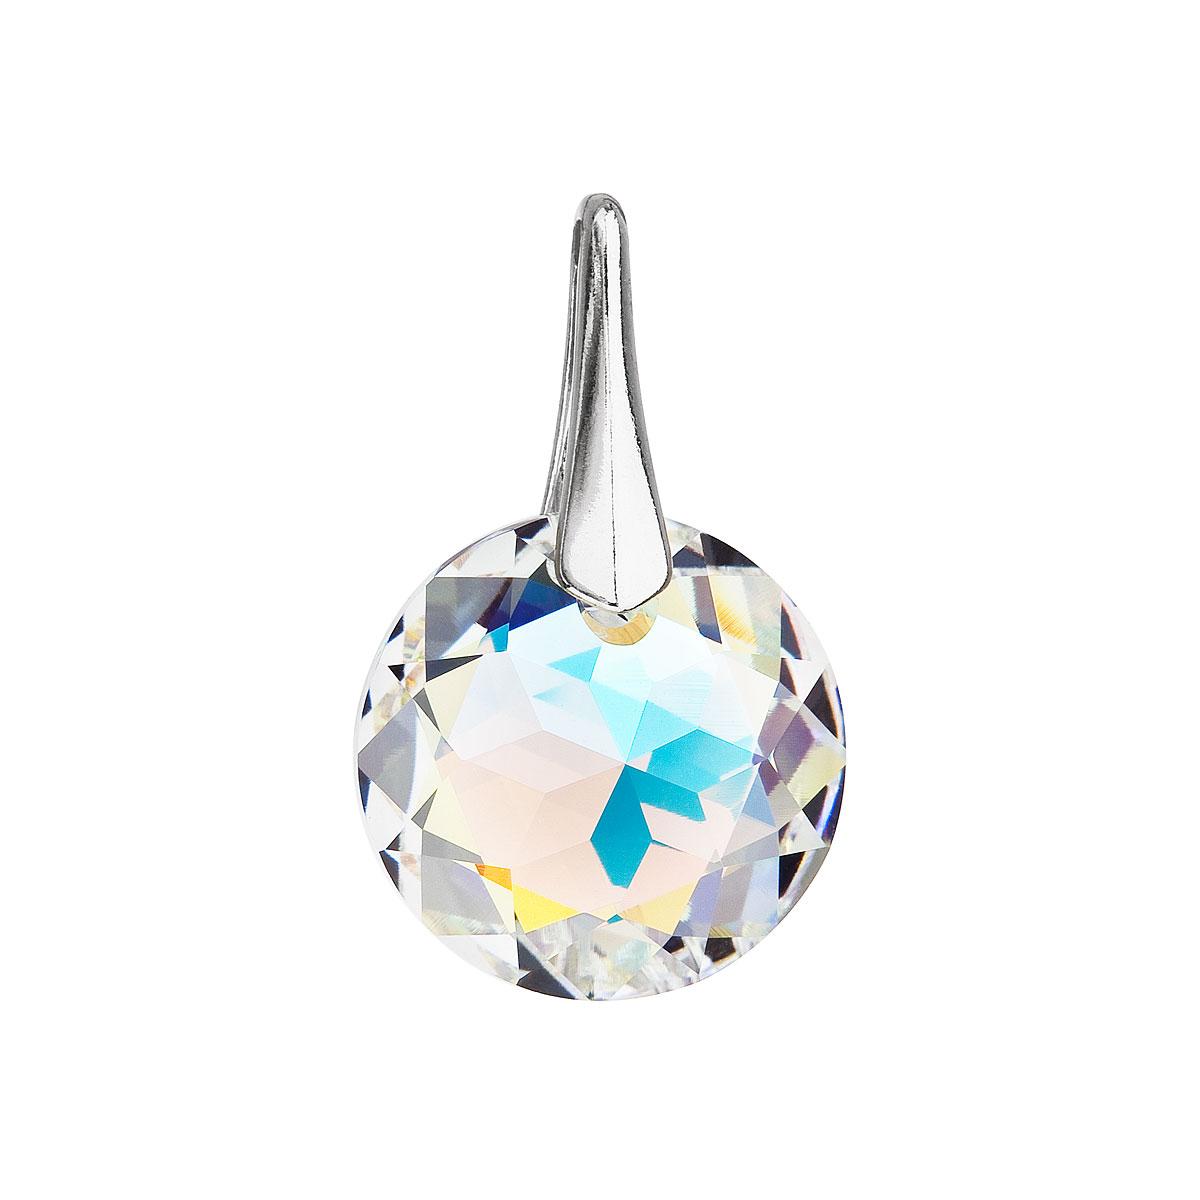 Stříbrný přívěsek s krystaly Swarovski ab efekt kulatý 34253.2